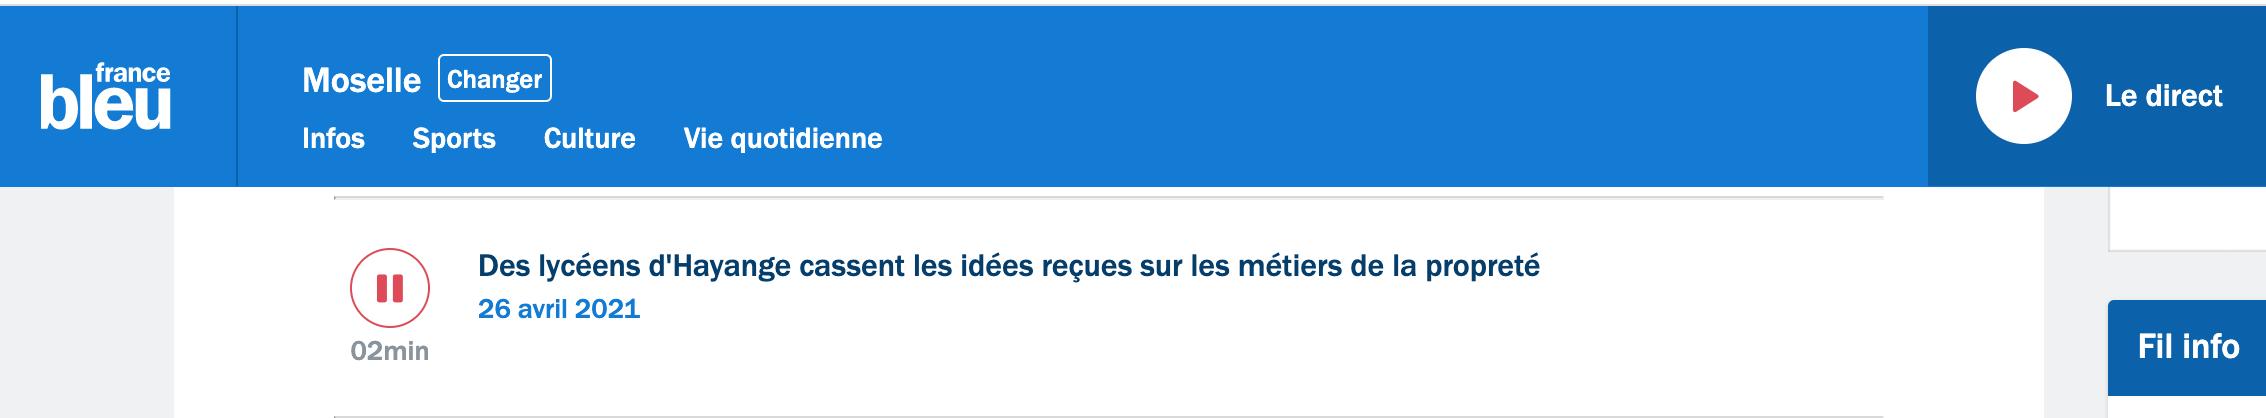 France Bleu - 26/04/2021